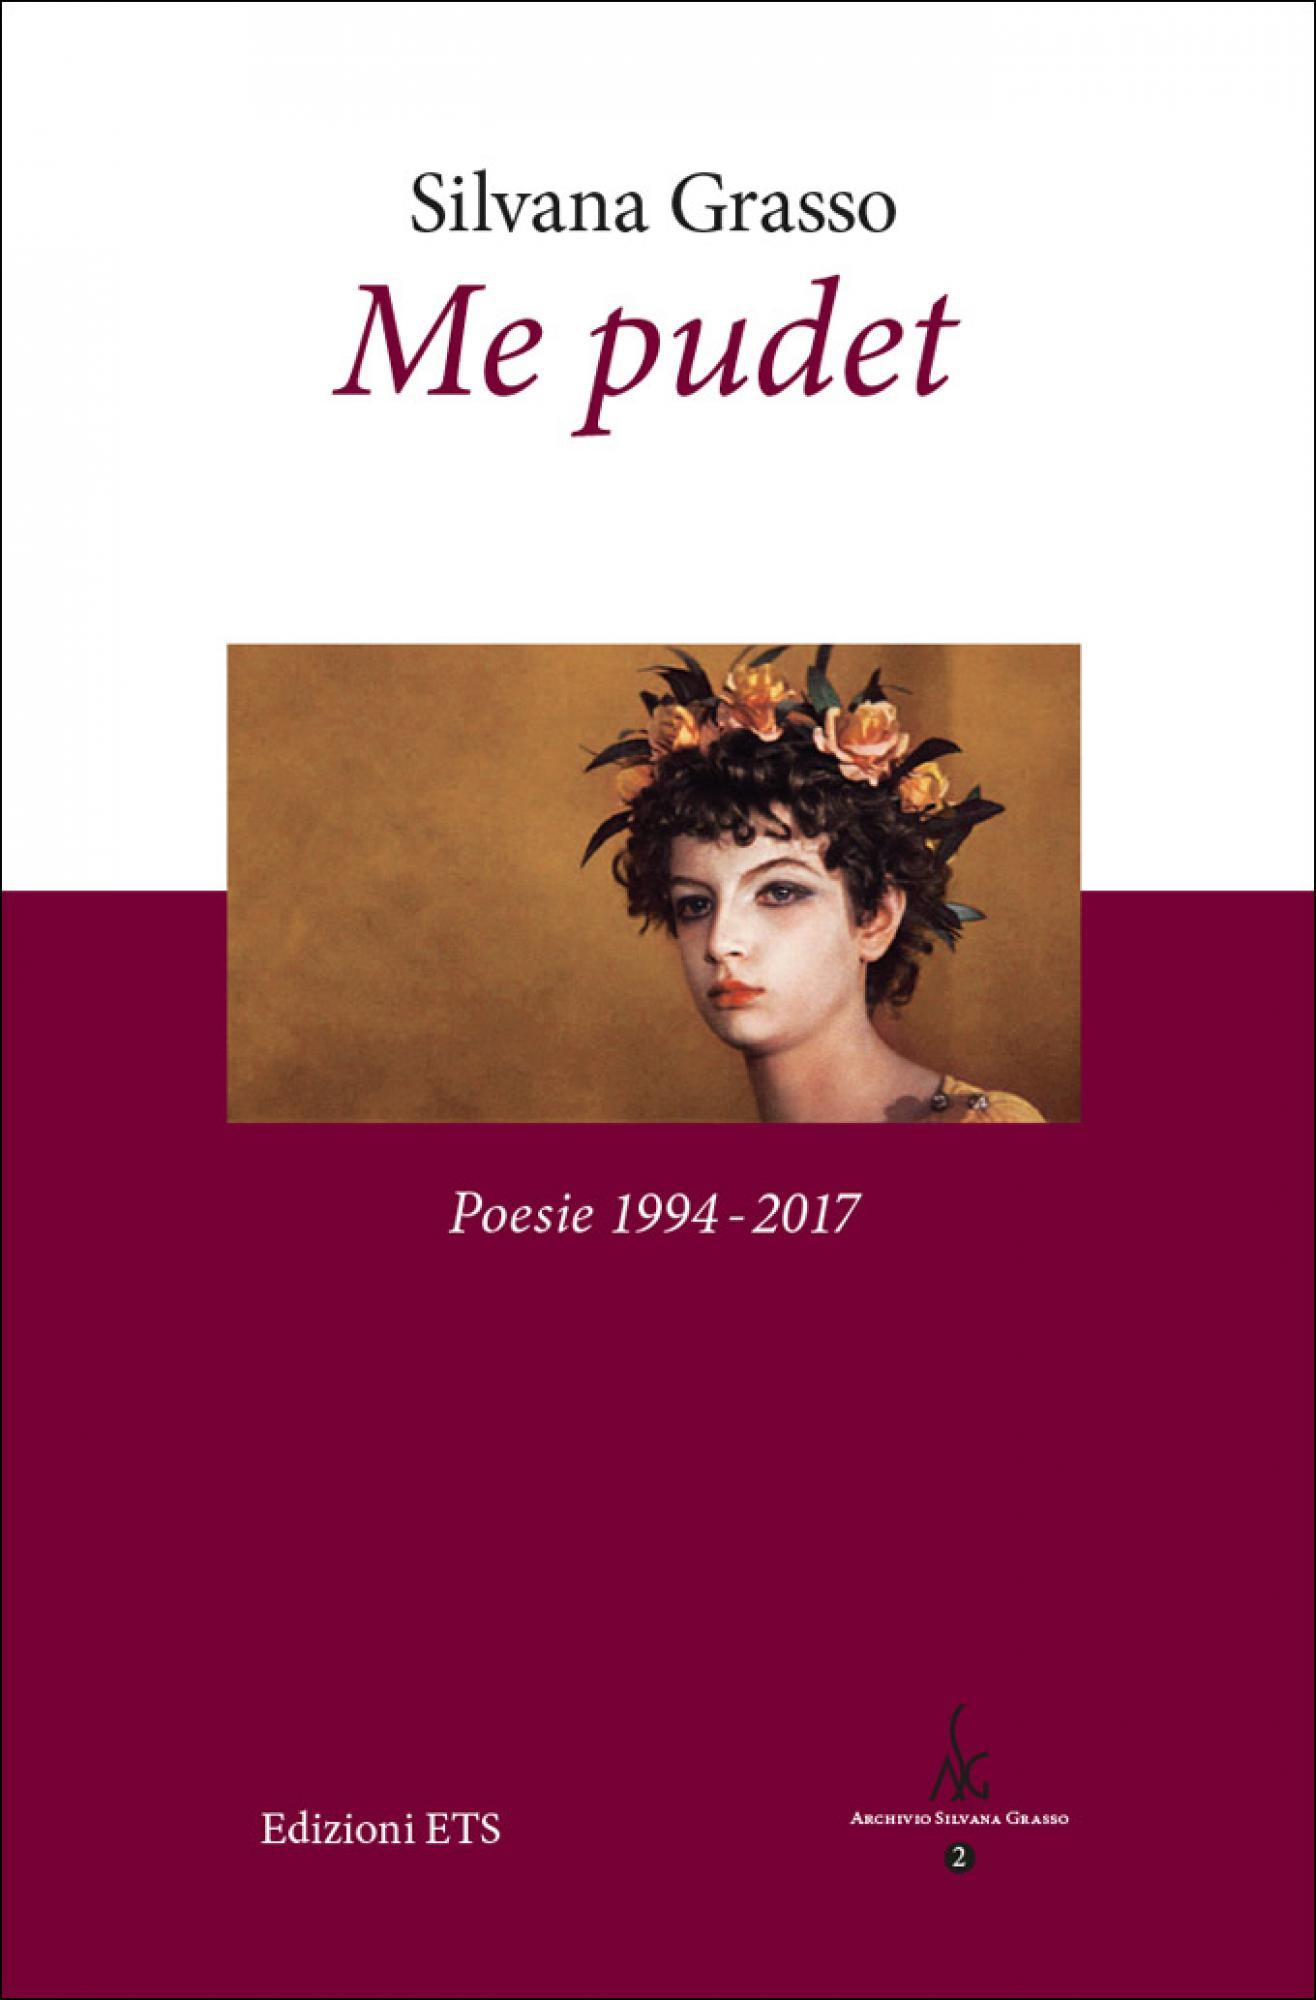 Me pudet.Poesie 1994-2017